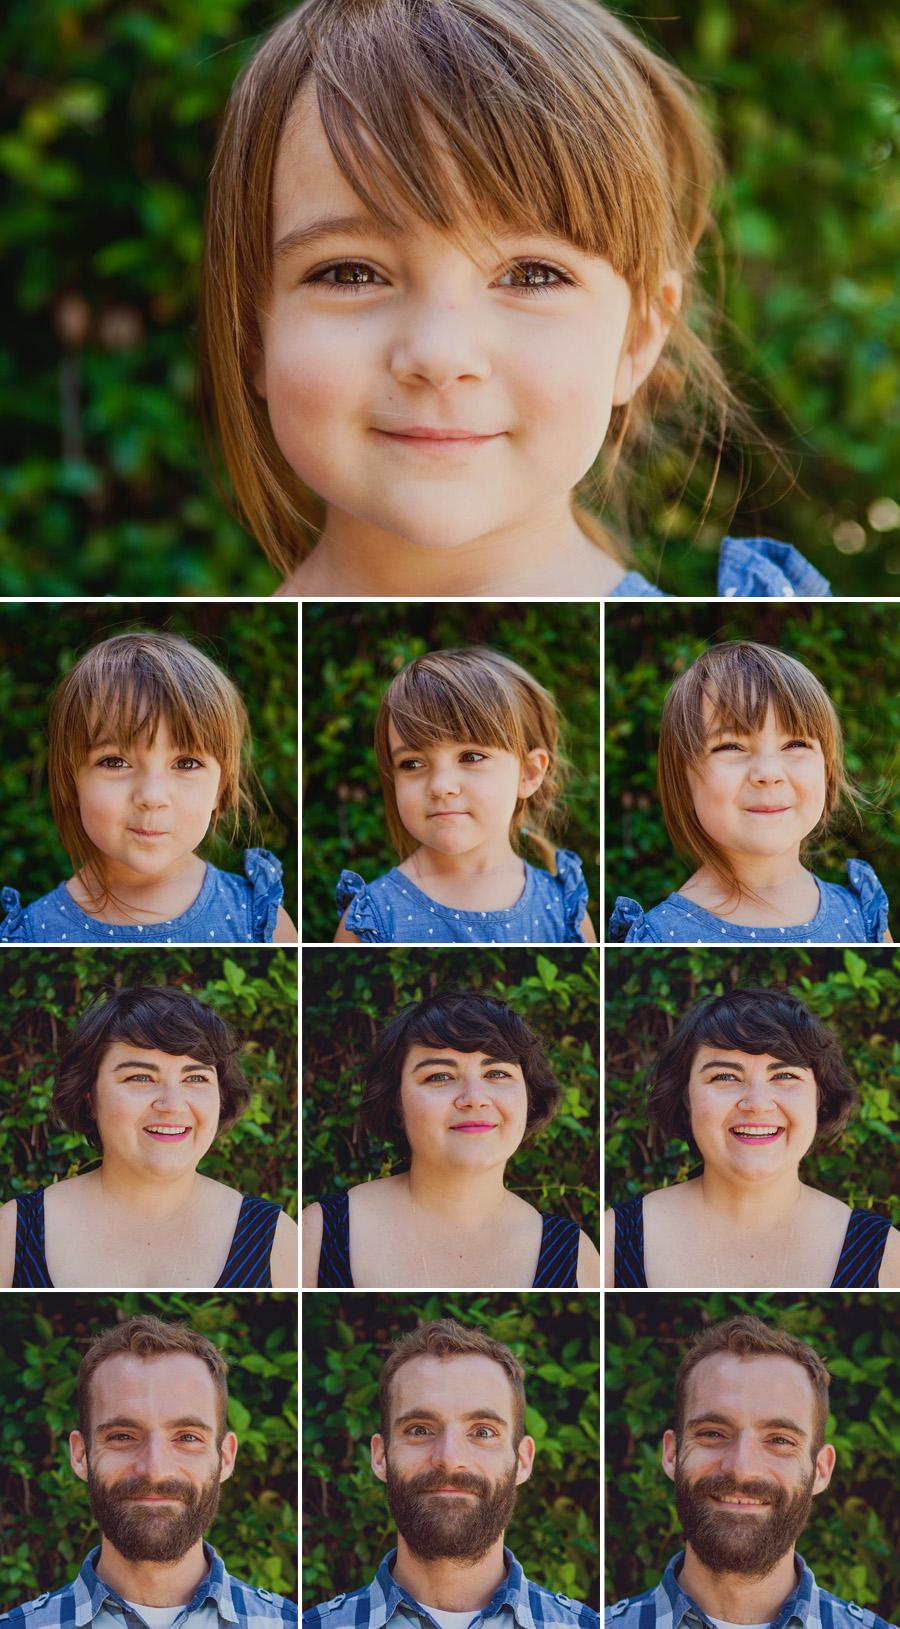 DallasFamilyPhotographer7.jpg